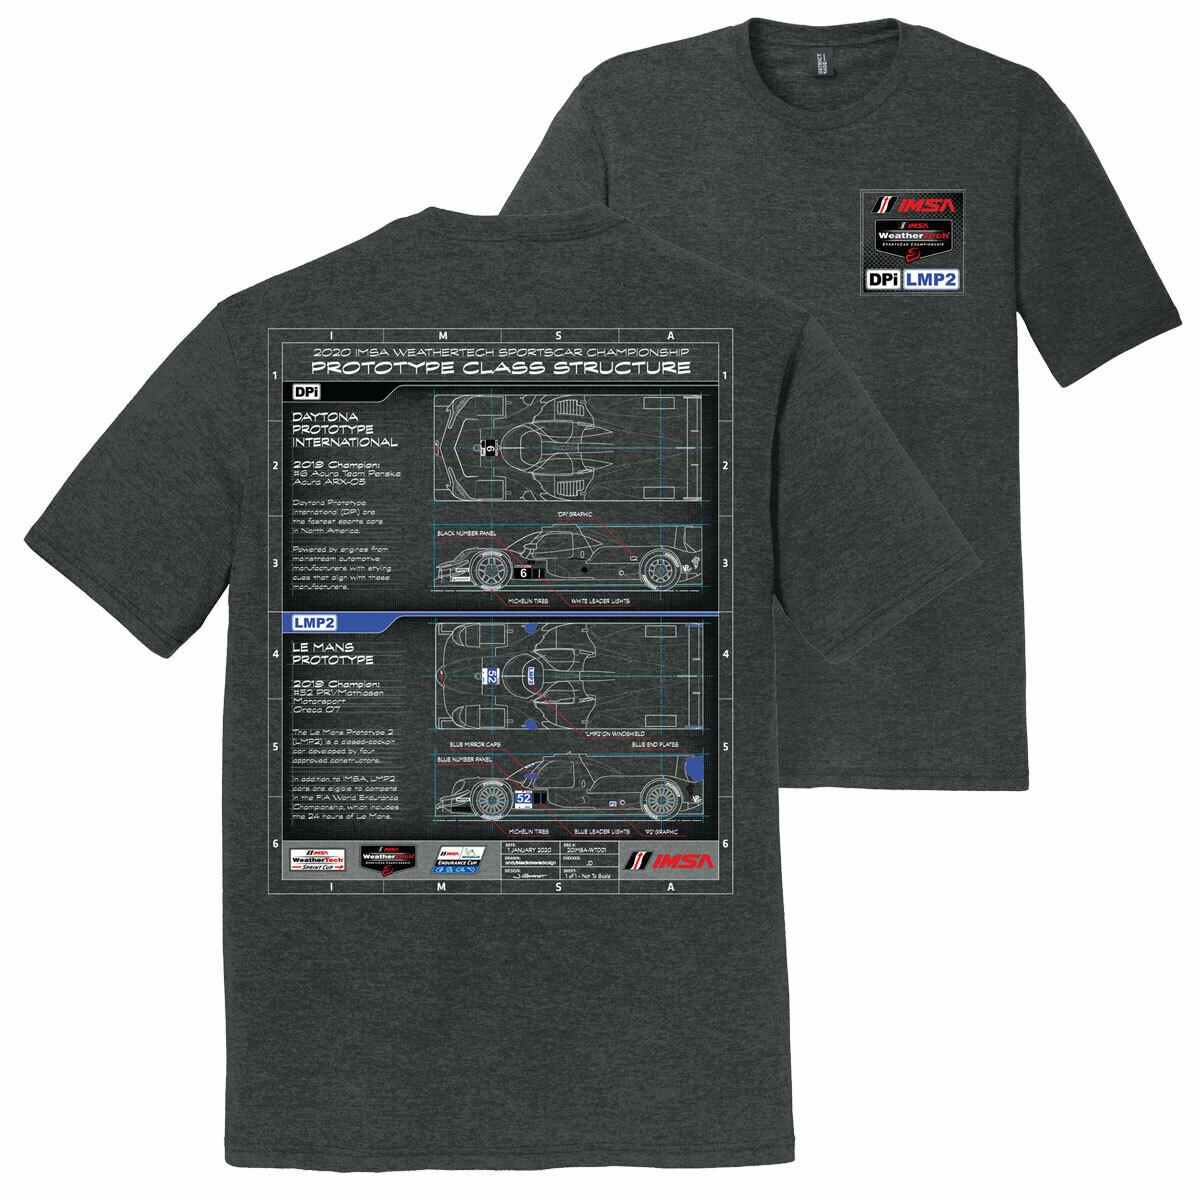 IMSA DPI/LMP2 Technical Tee - Black Frost